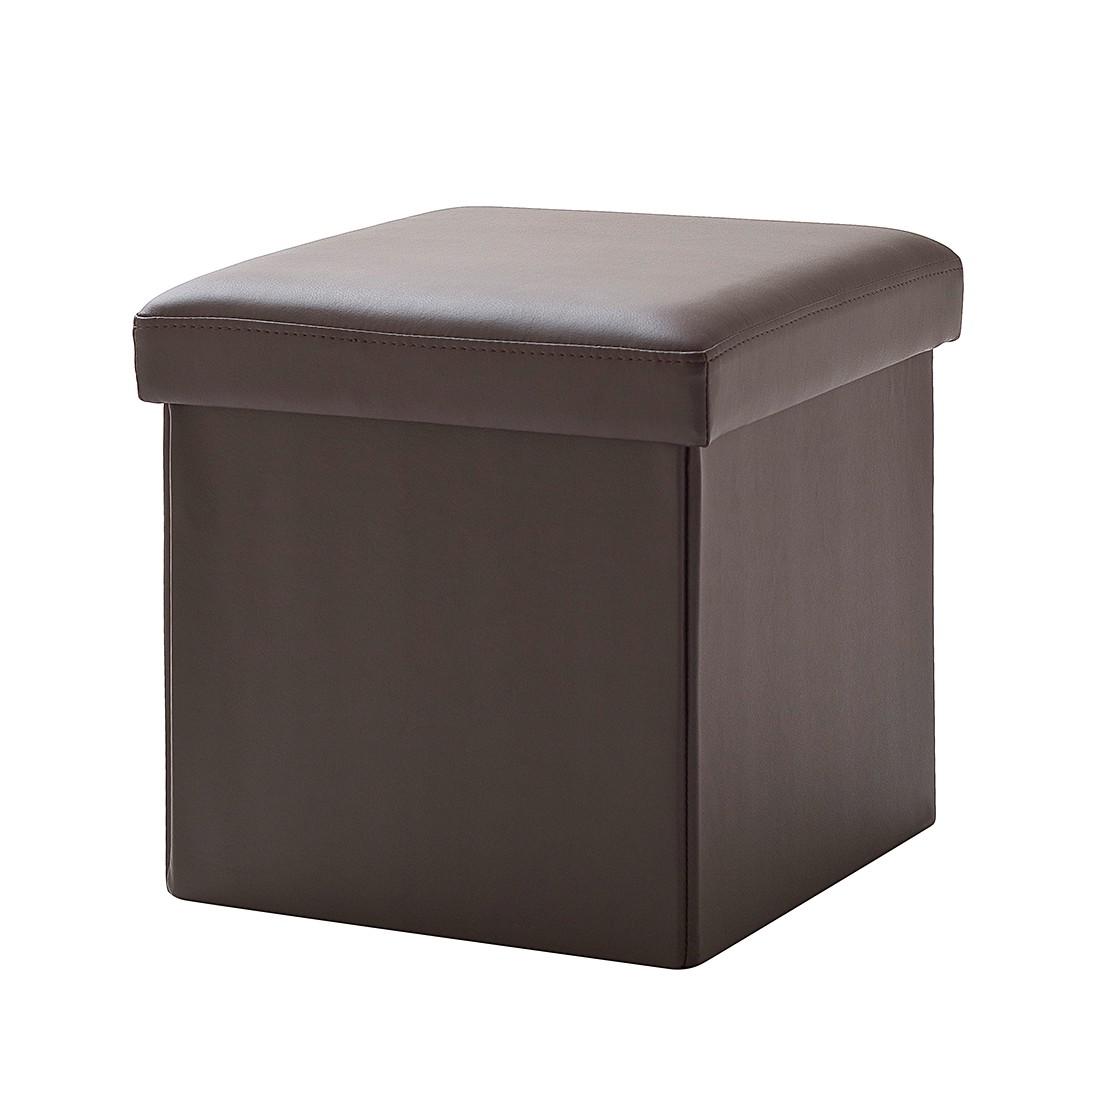 Polsterwürfel Cube (mit Deckel) – Kunstleder – Braun, meise.möbel online kaufen